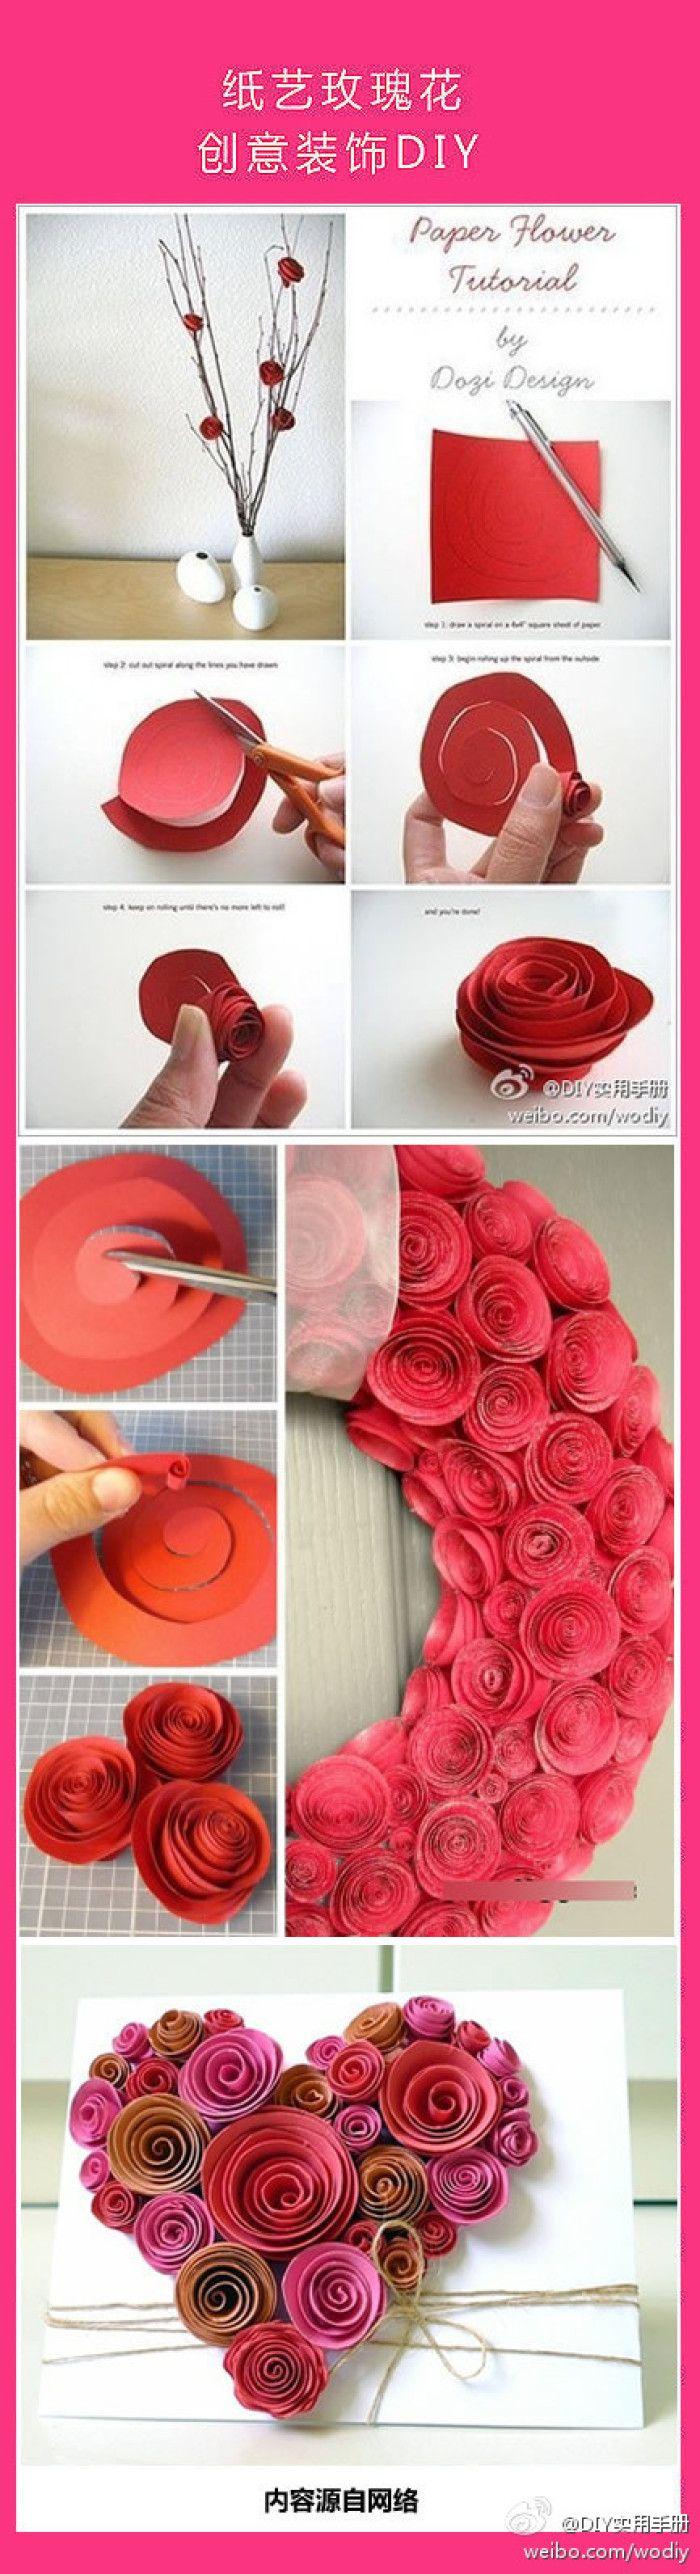 紙藝玫瑰創意DIY的